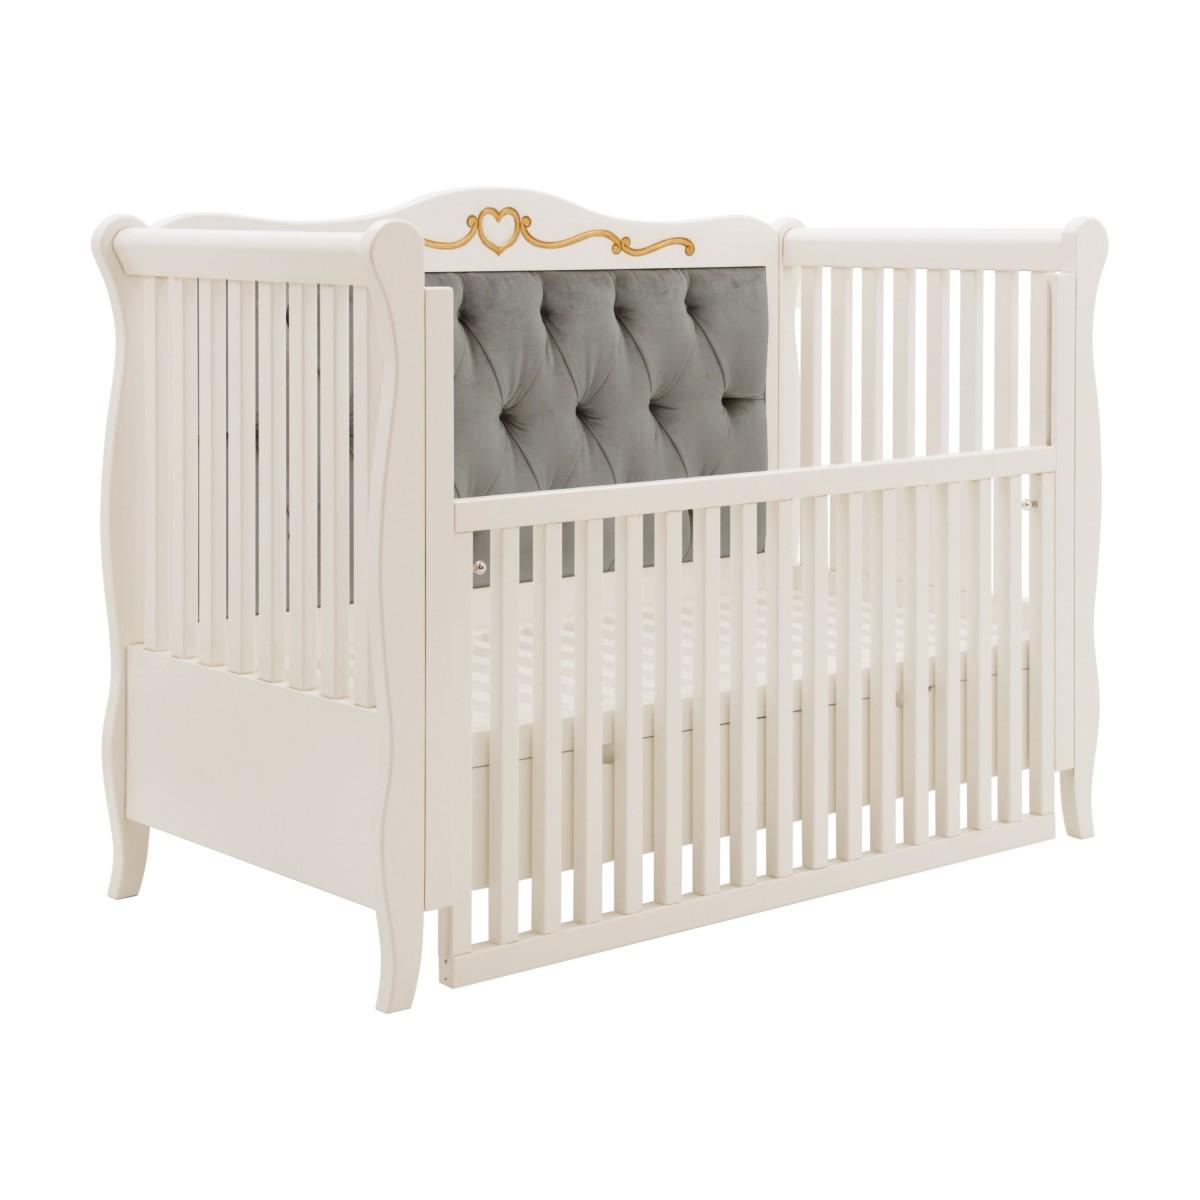 Bed Custom034 - Sevensedie